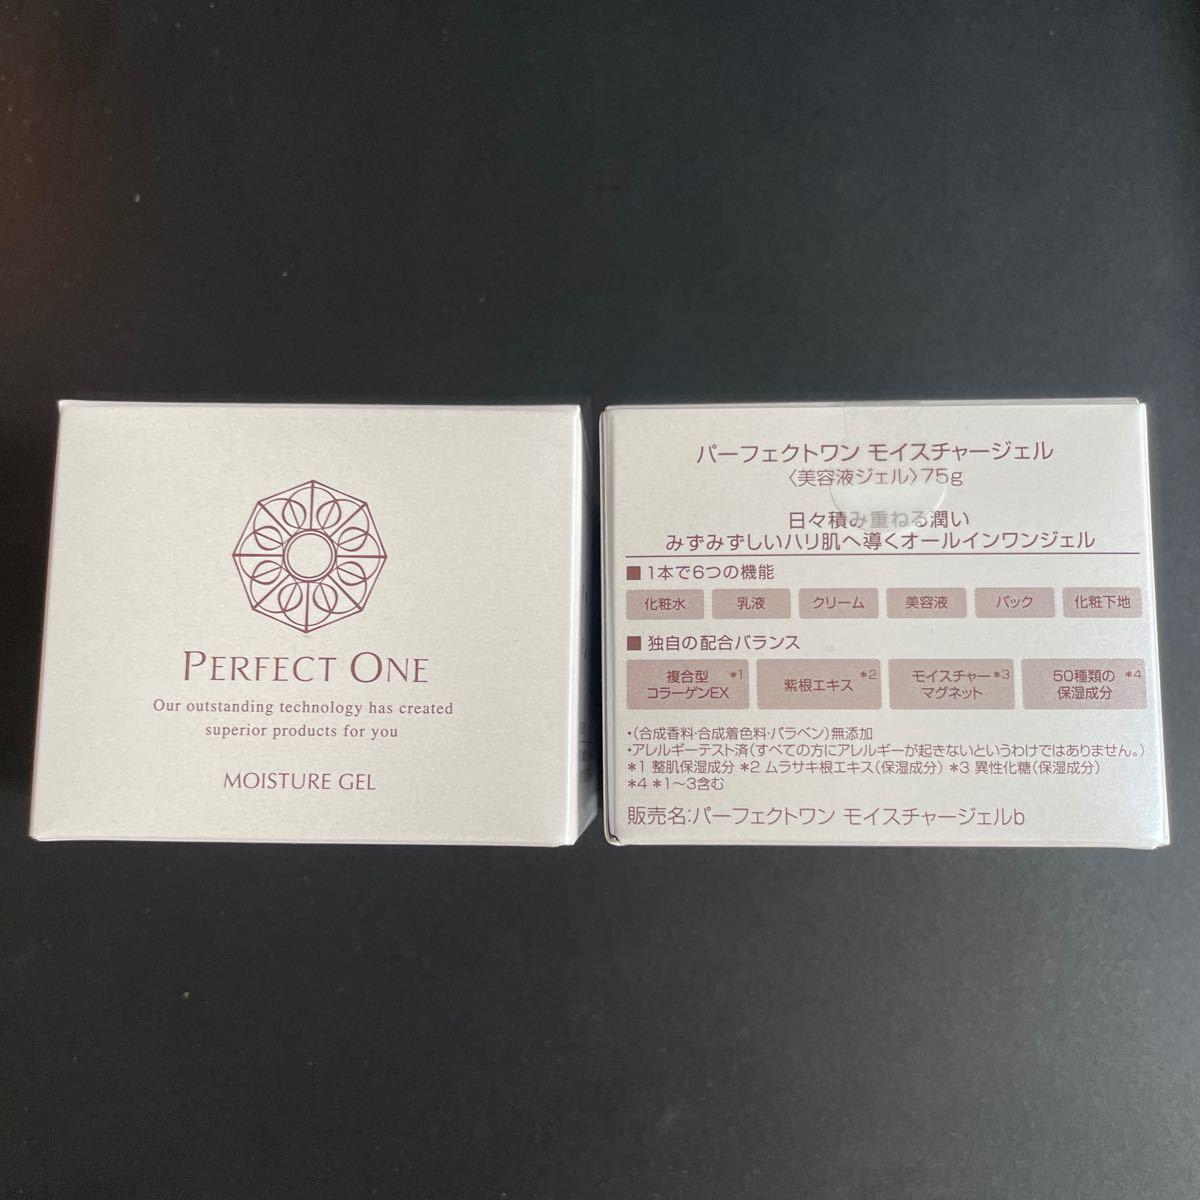 パーフェクトワン モイスチャージェル 75g【2個セット】